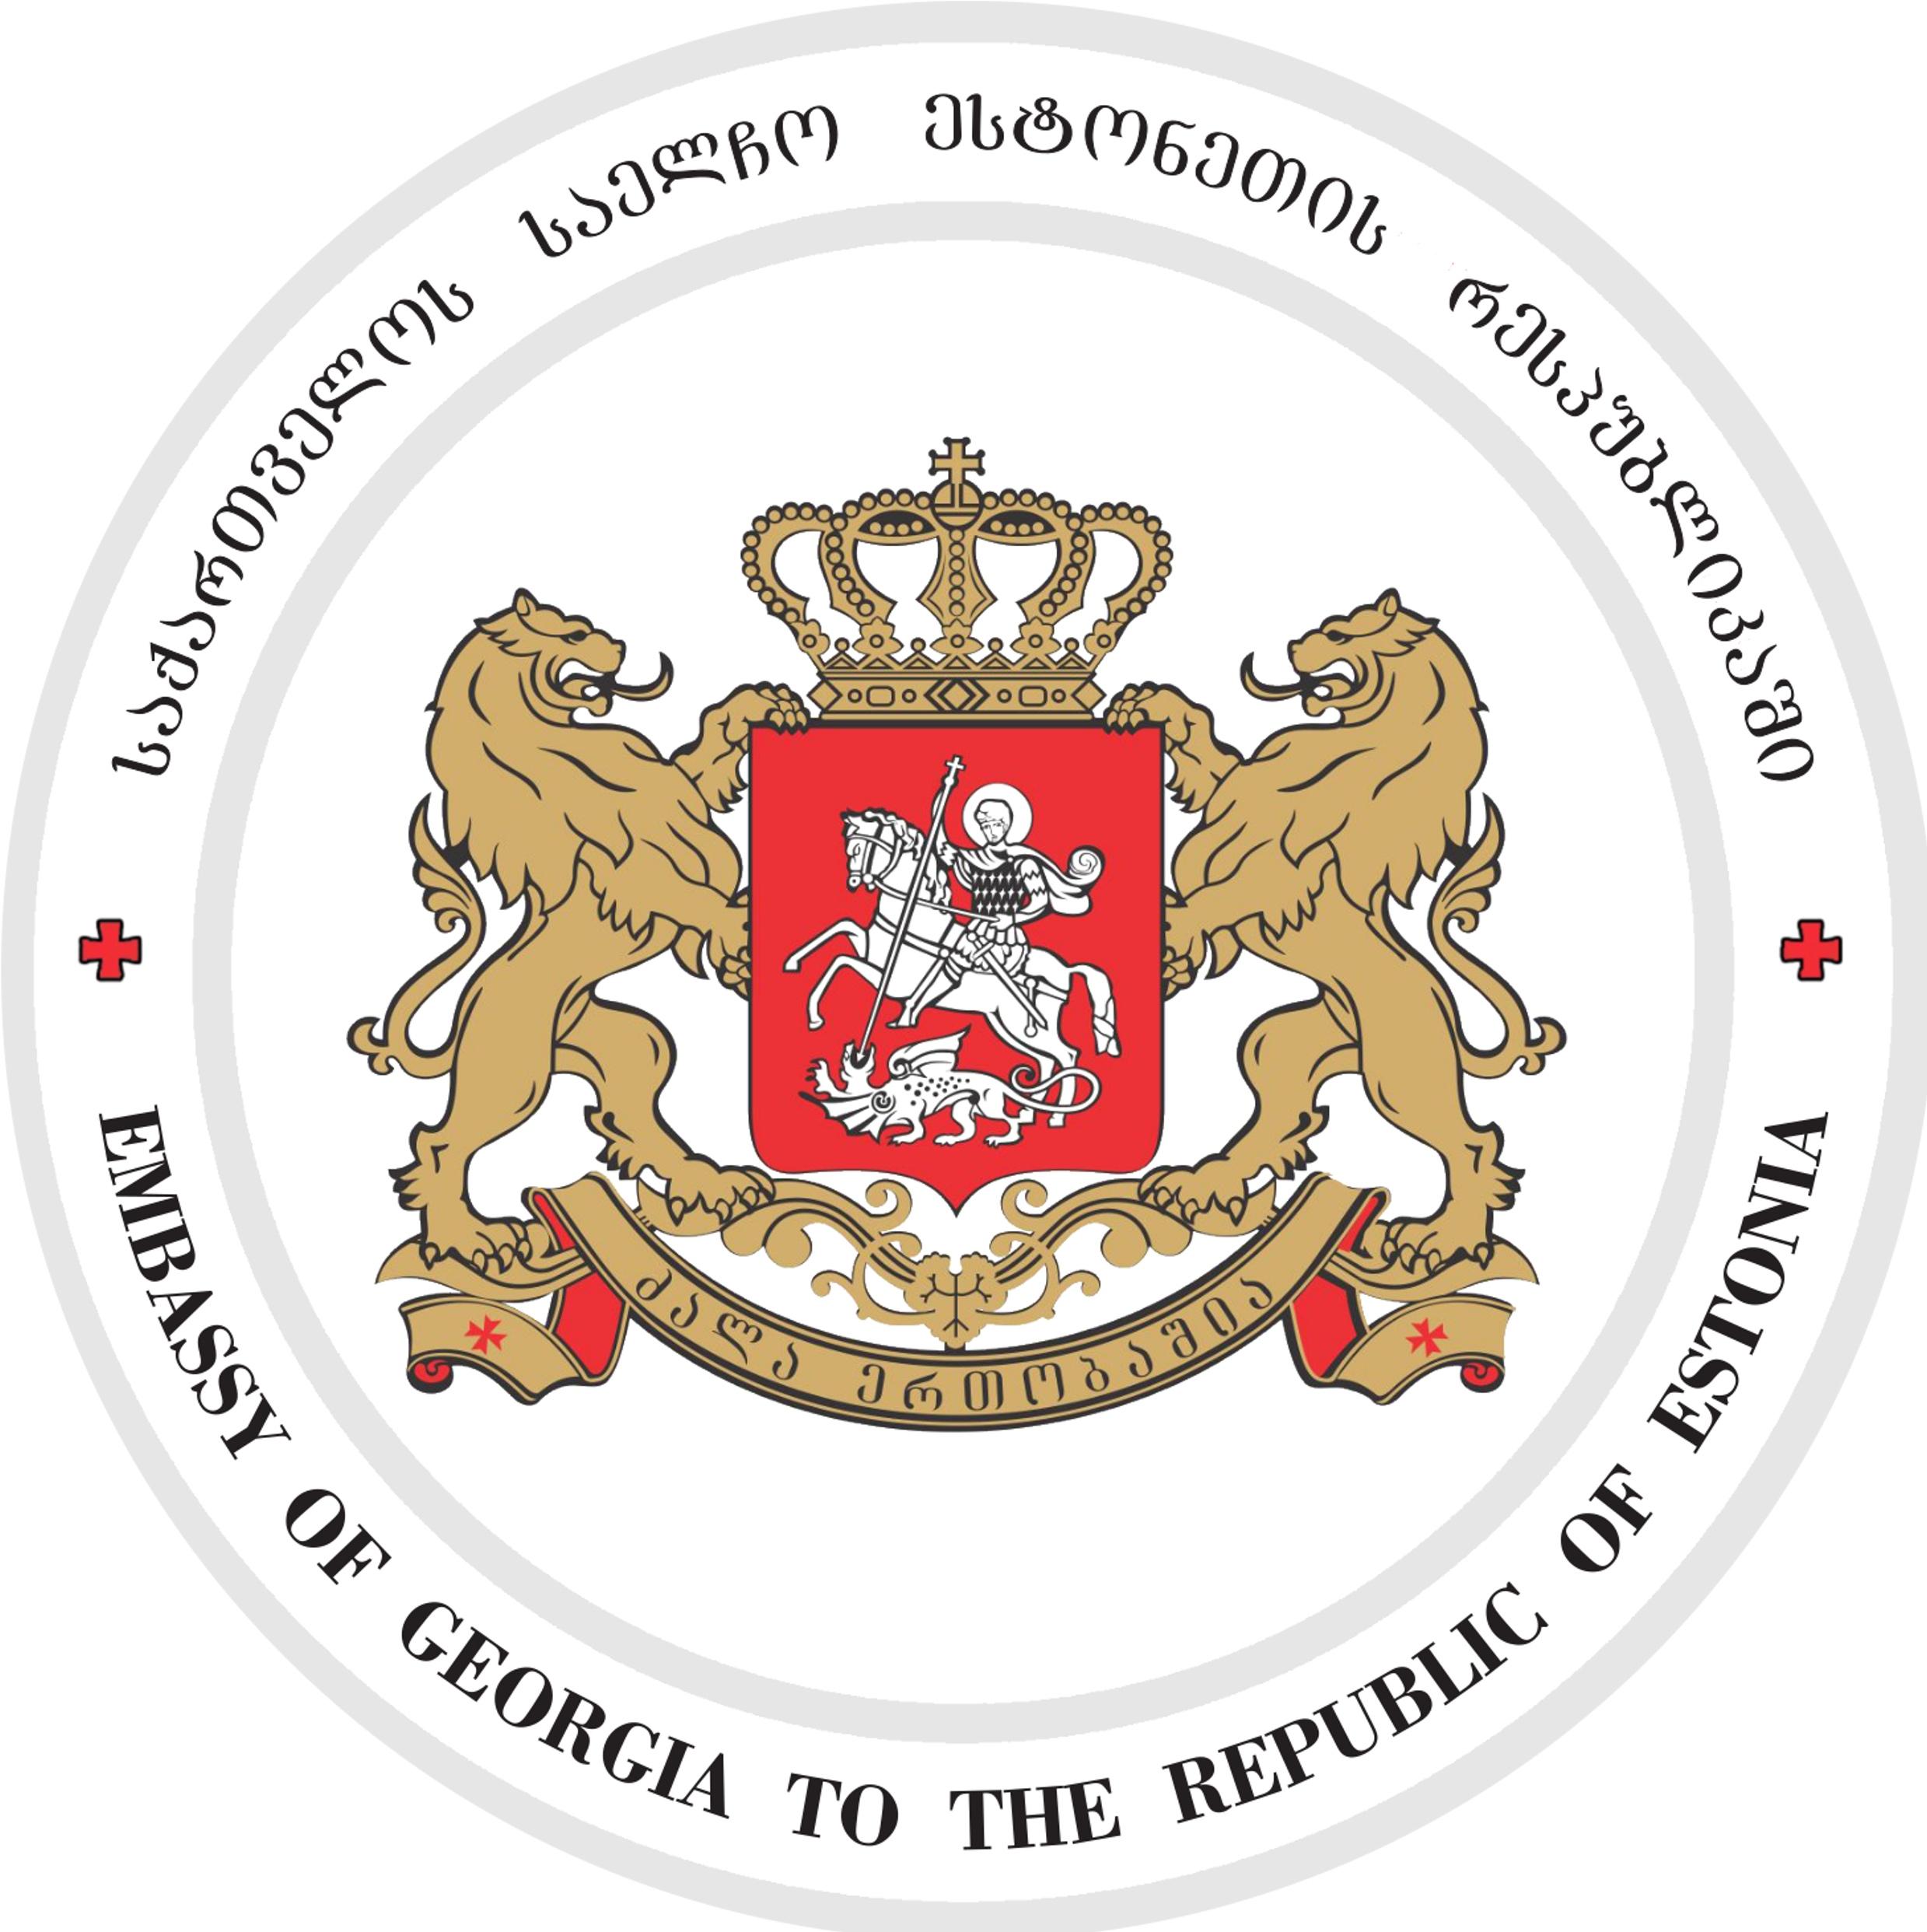 http://www.estonia.mfa.gov.ge/